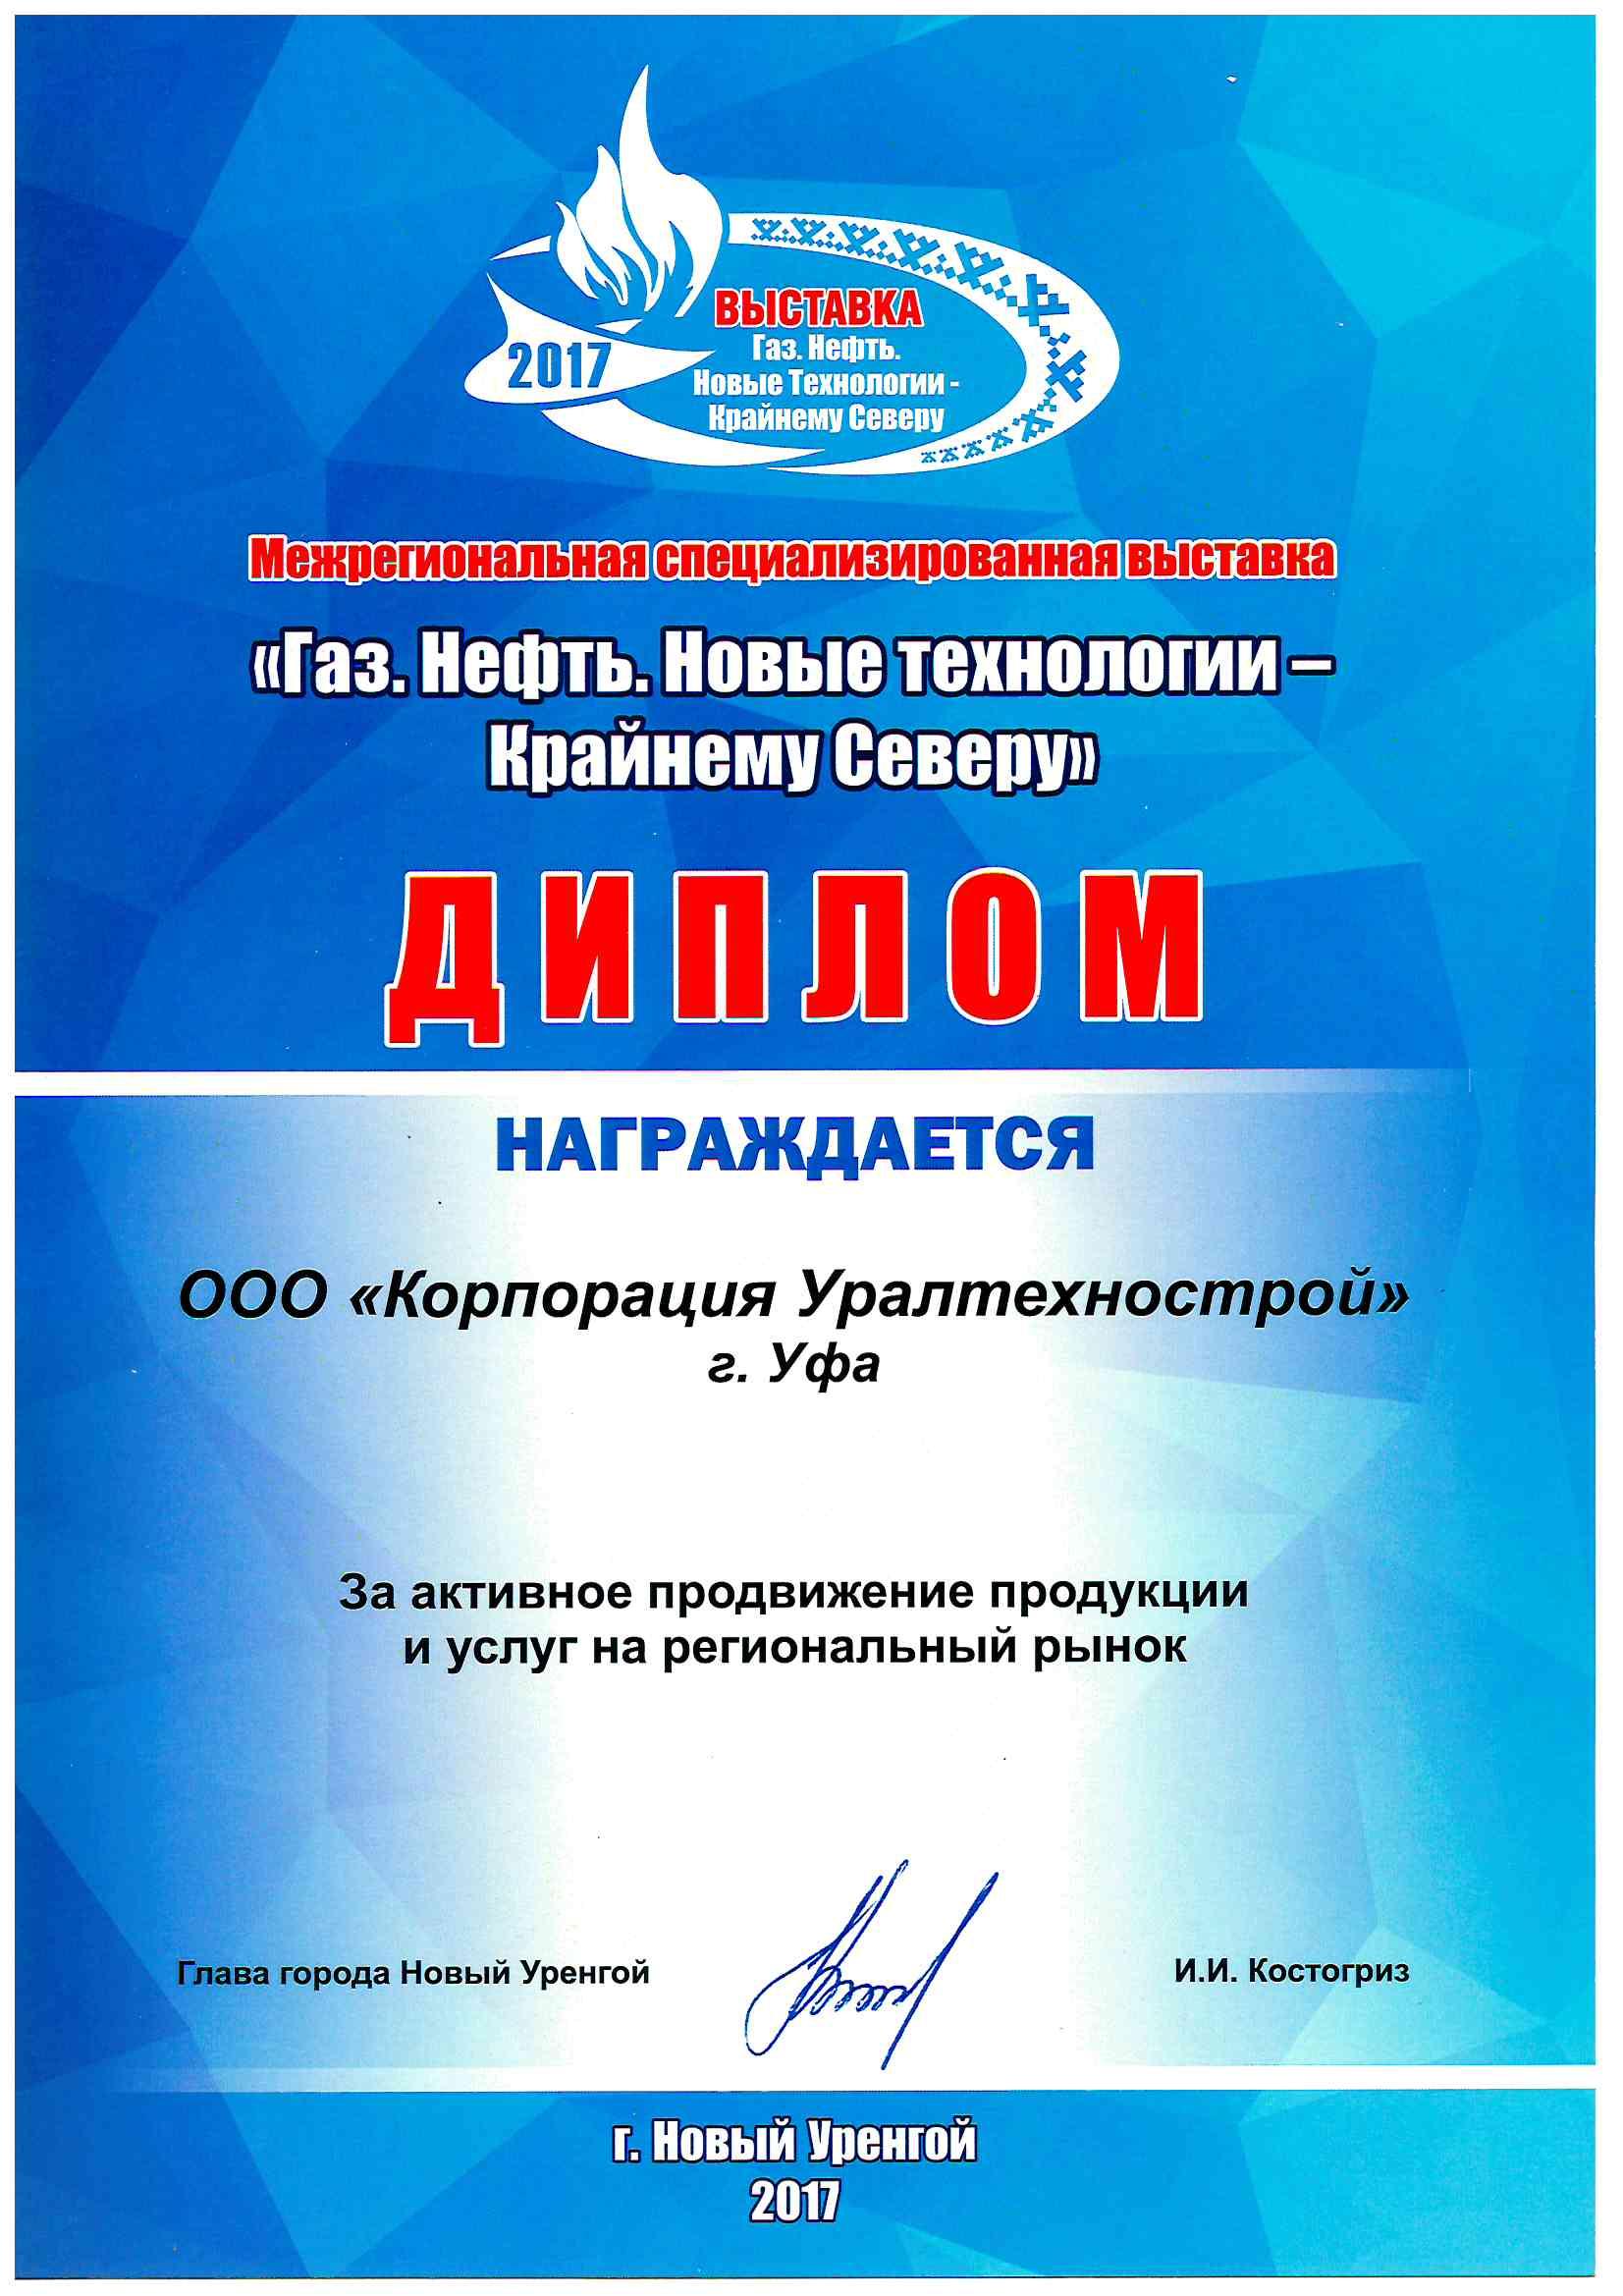 Дипломы и награды Диплом за участие в выставке в Газ Нефть Новые технологии Крайнему Северу г Новый Уренгой 2017